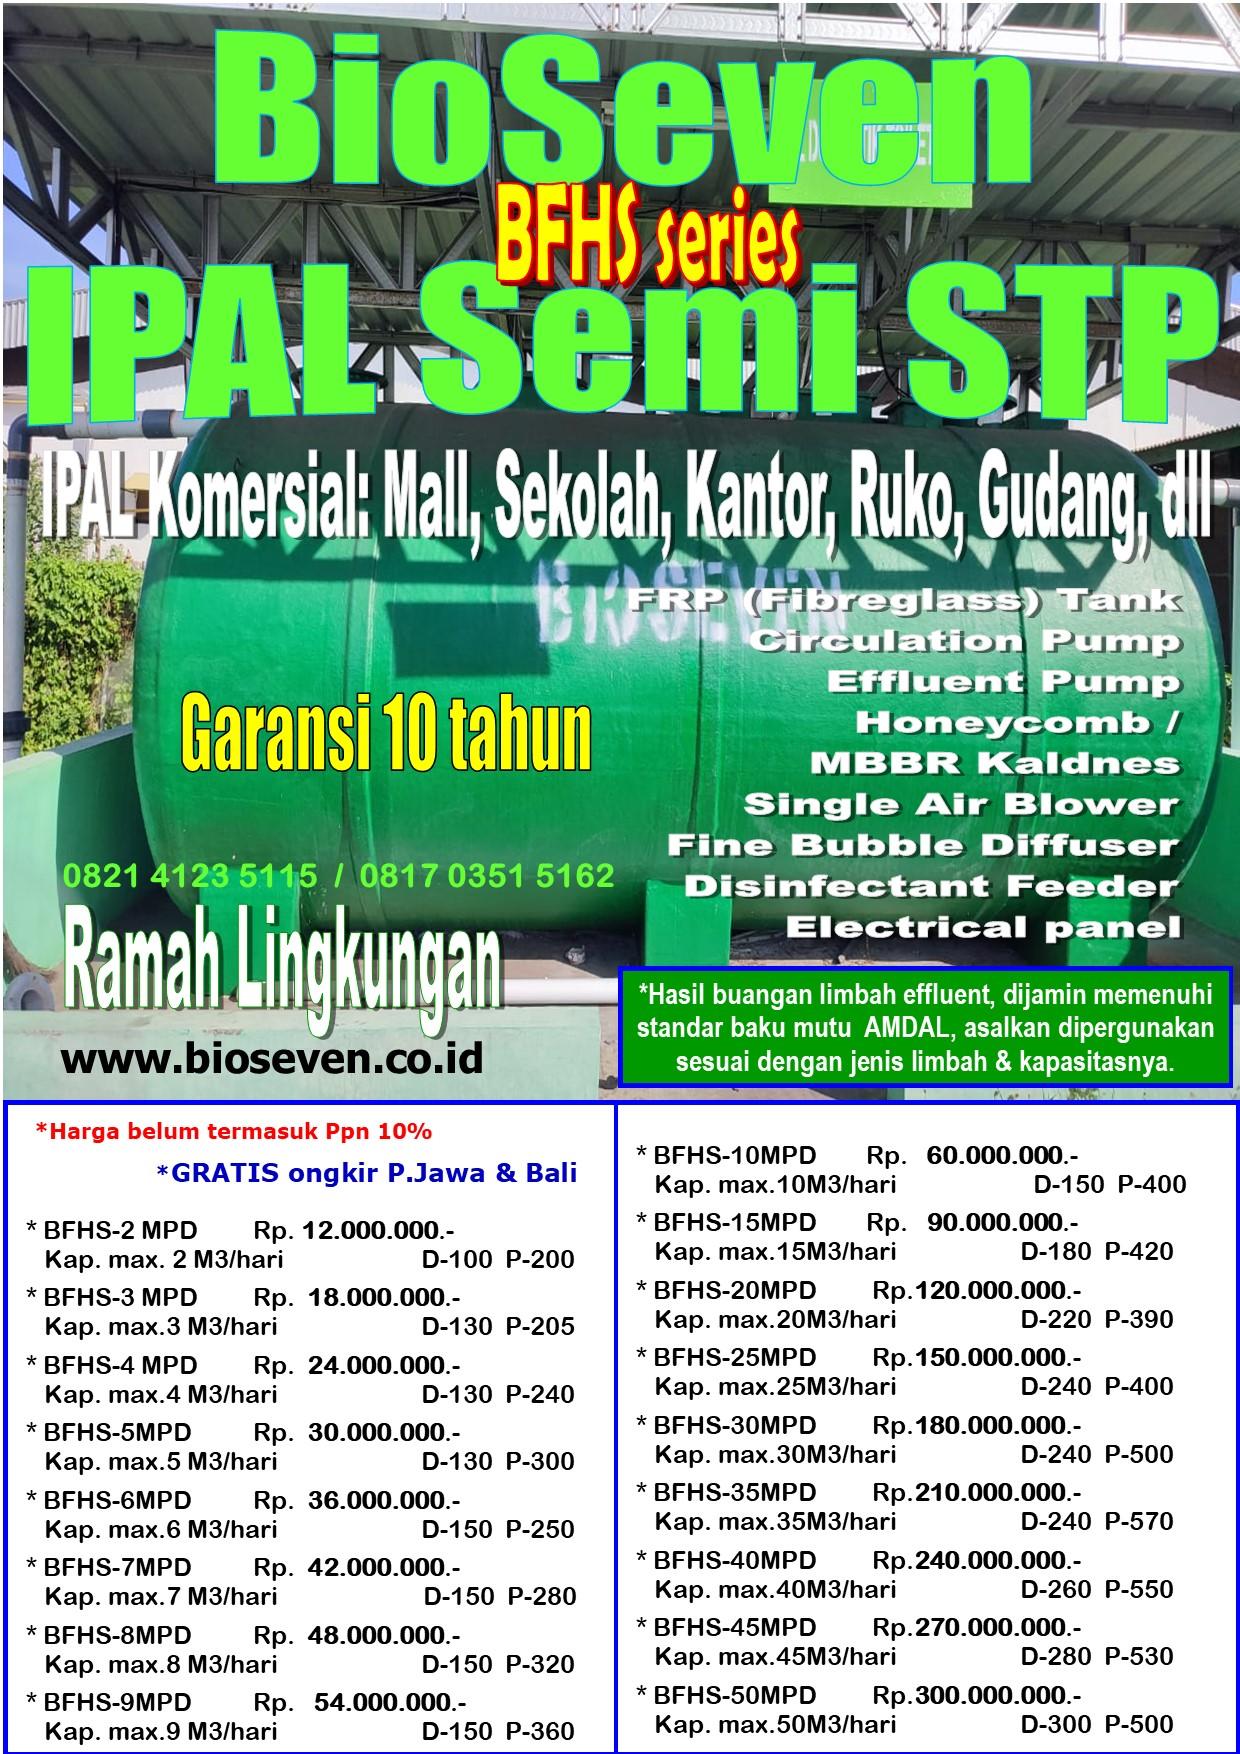 IPAL Bio Semi STP Anaerob + Semi Aerob -Single Blower & Pump (BFHS series)  - untuk mengolah Limbah Full Komersial (msl. Mall, Pertokoan, Pergudangan, Perkantoran  dll)